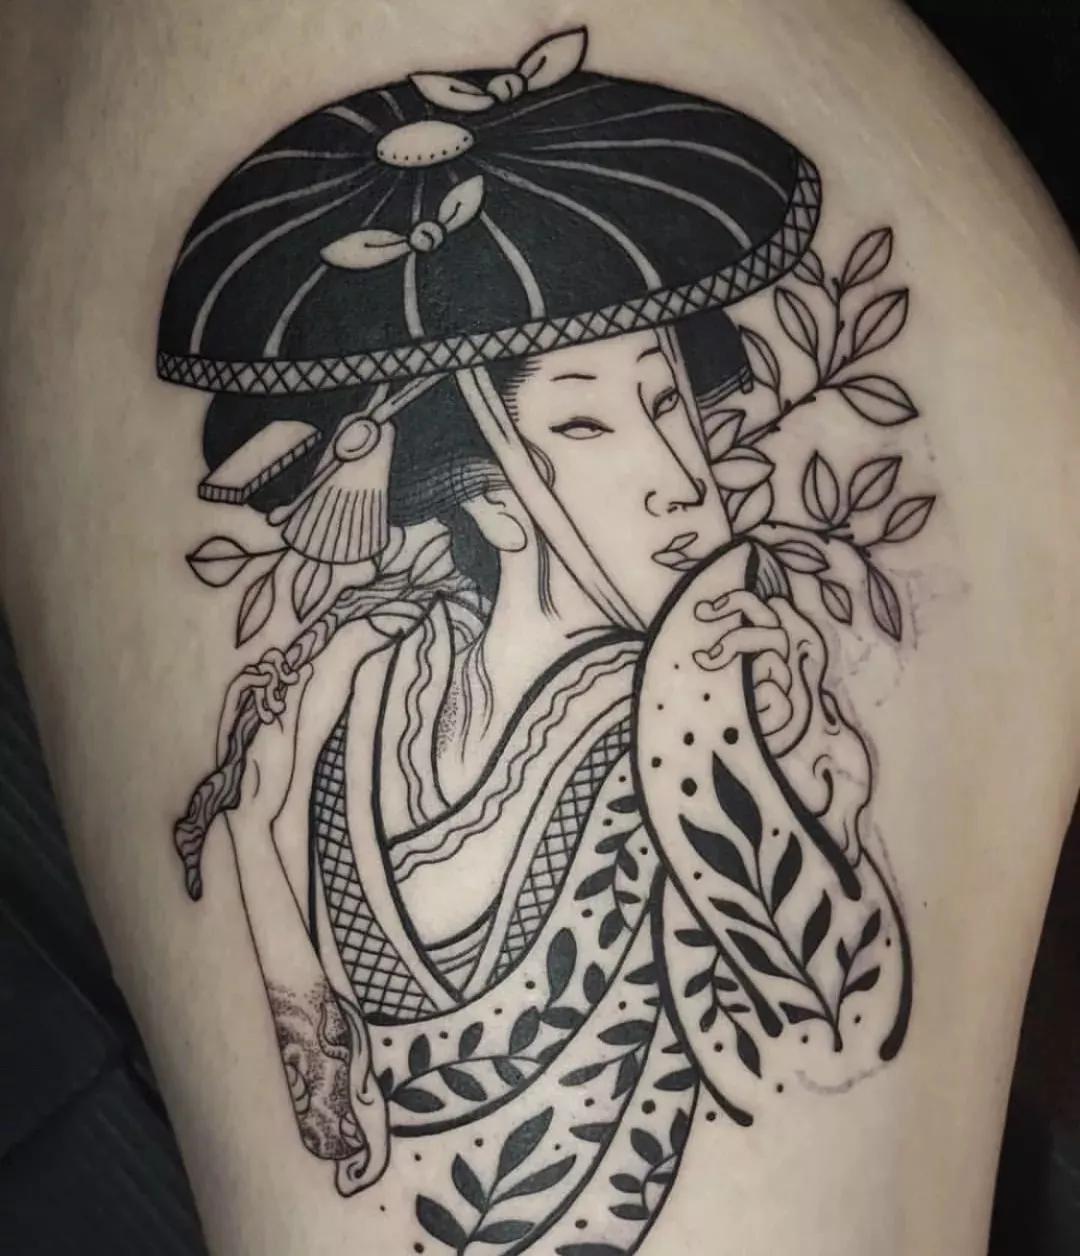 聊一聊日本的纹身文化